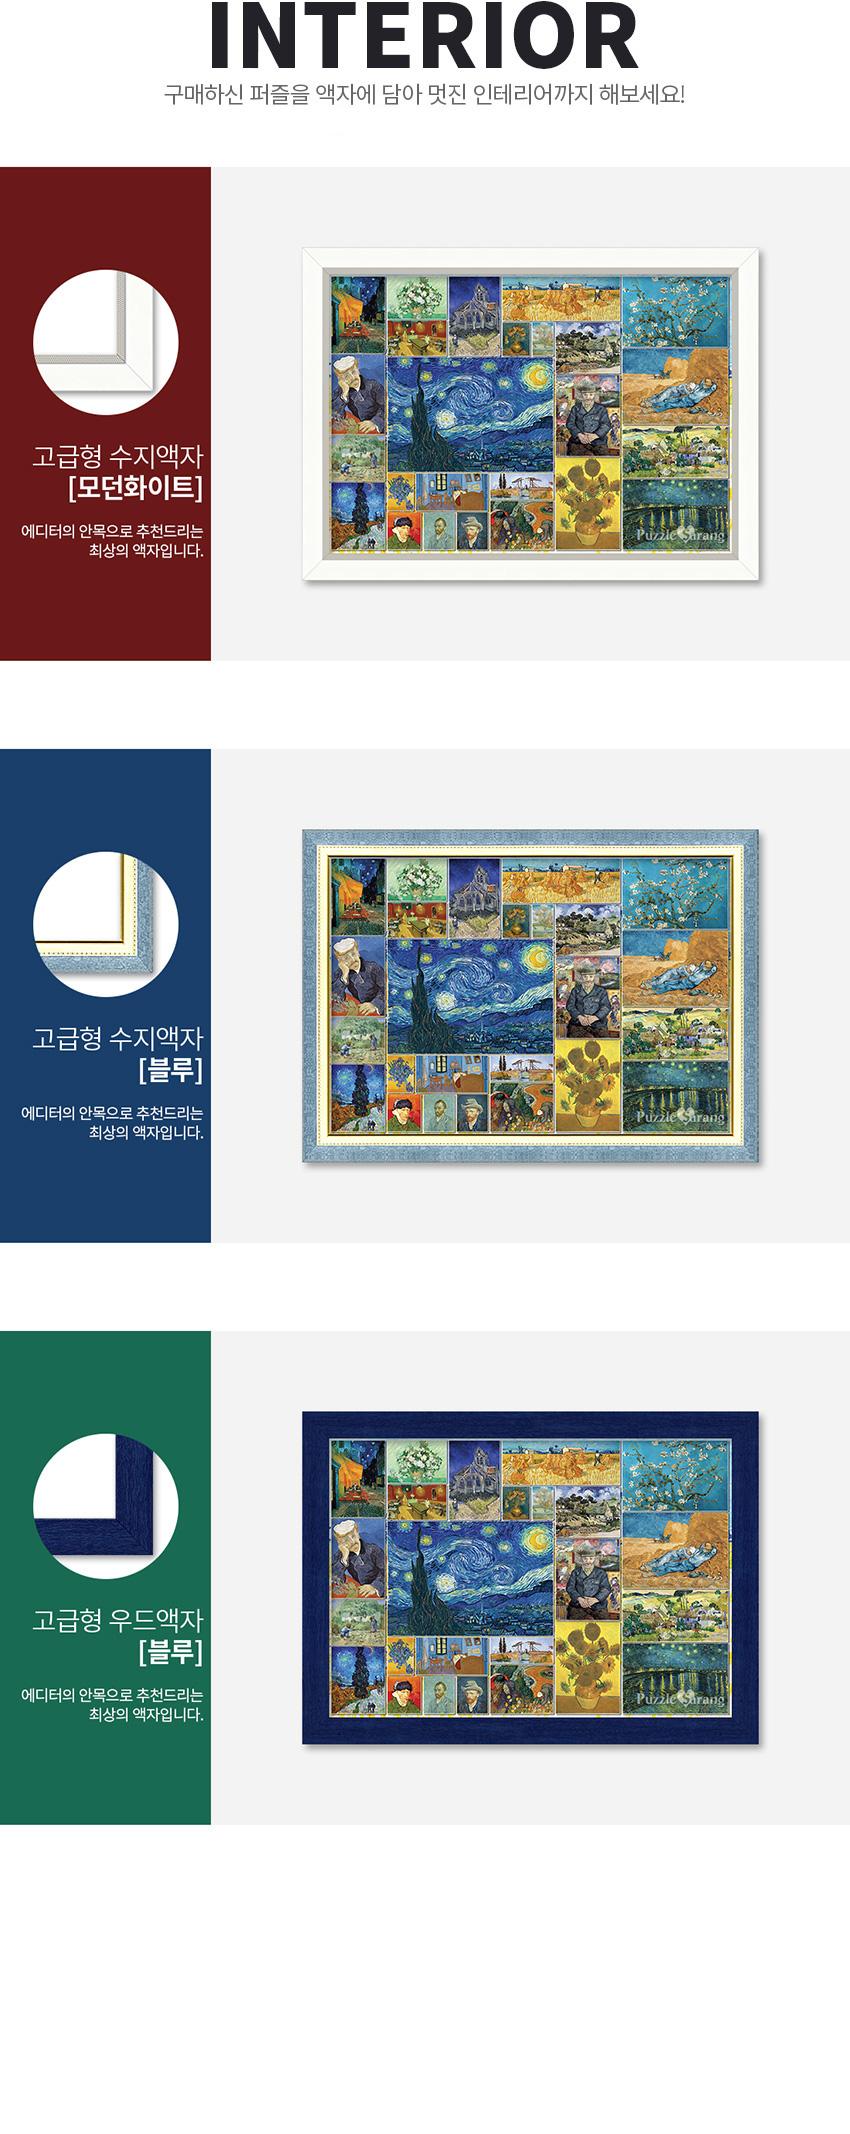 1000피스 직소퍼즐 - 빈센트 반 고흐 컬렉션 25점 - 퍼즐사랑, 9,600원, 조각/퍼즐, 풍경 직소퍼즐